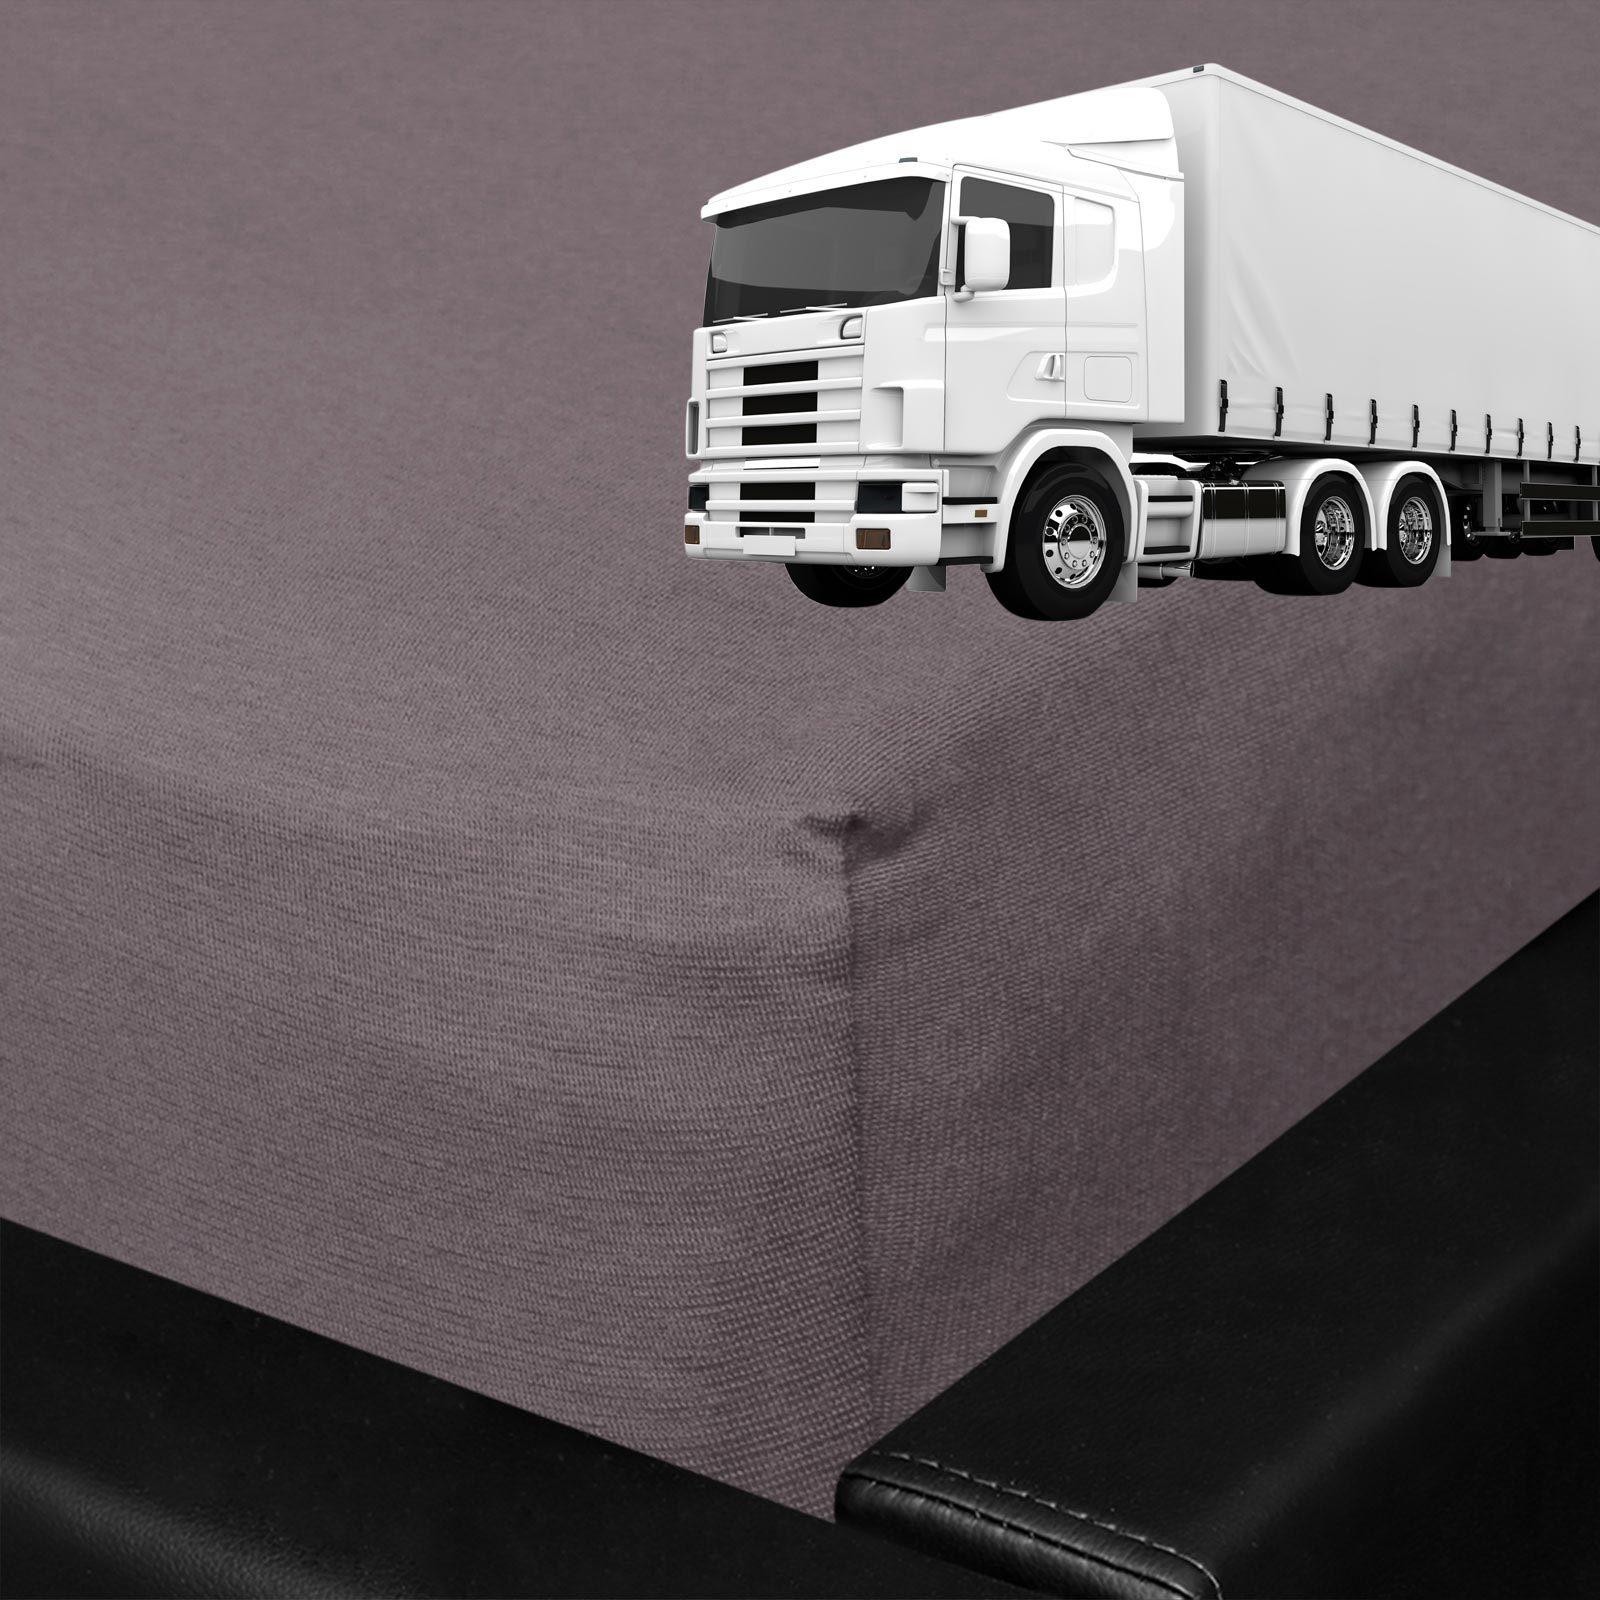 BettwarenShop Spannbettlaken für LKW Truck Matratzen